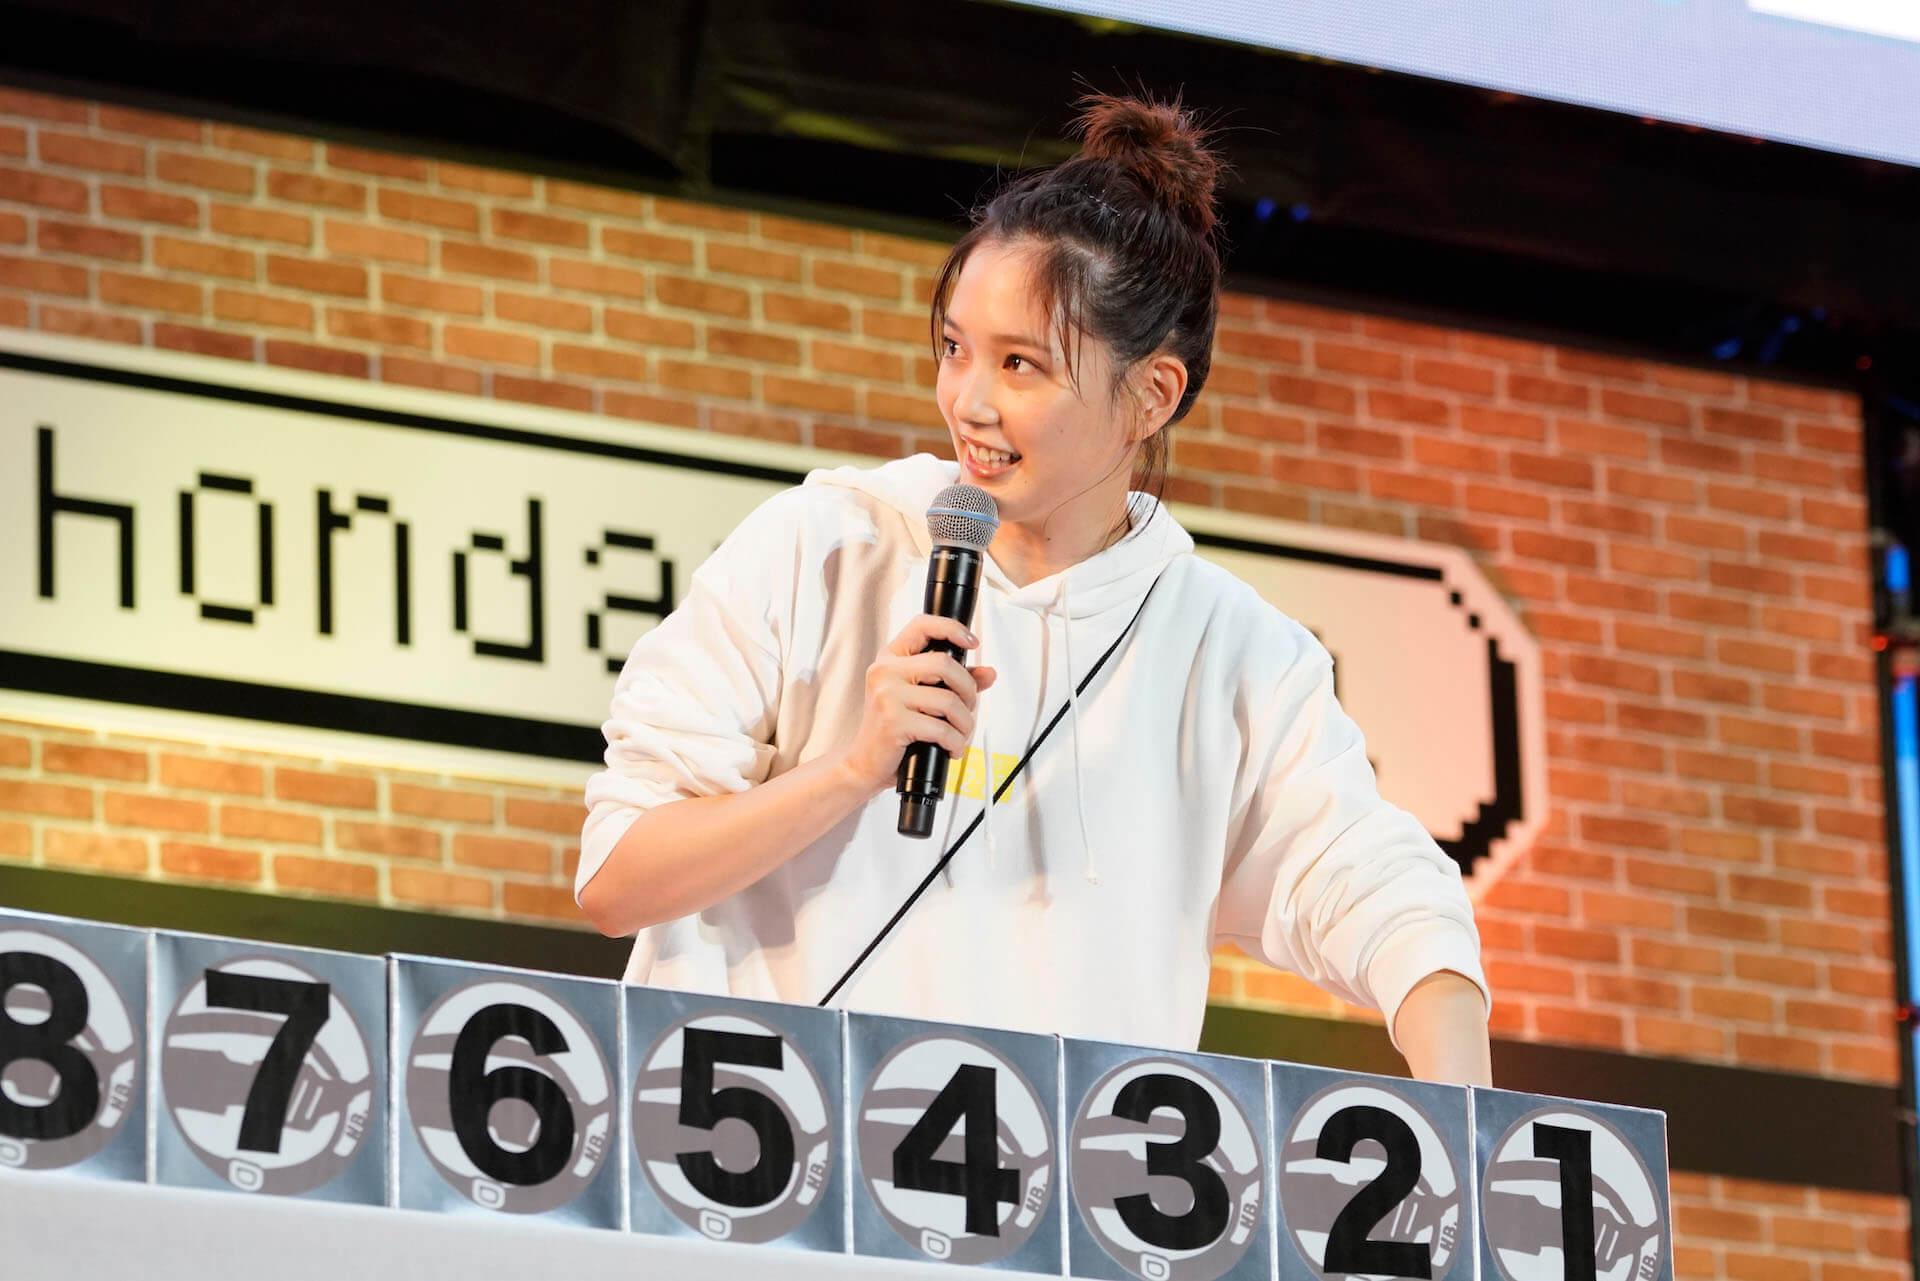 本田翼、YouTubeアカウントほんだのばいく開設1周年イベントで大興奮!レポートが到着 art191023_hondanobike_2